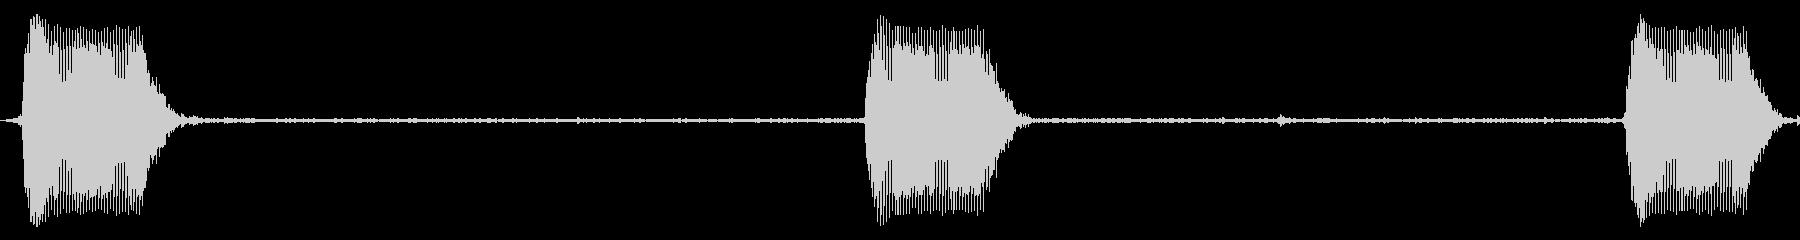 レンジローバーSUV:INT:転送...の未再生の波形